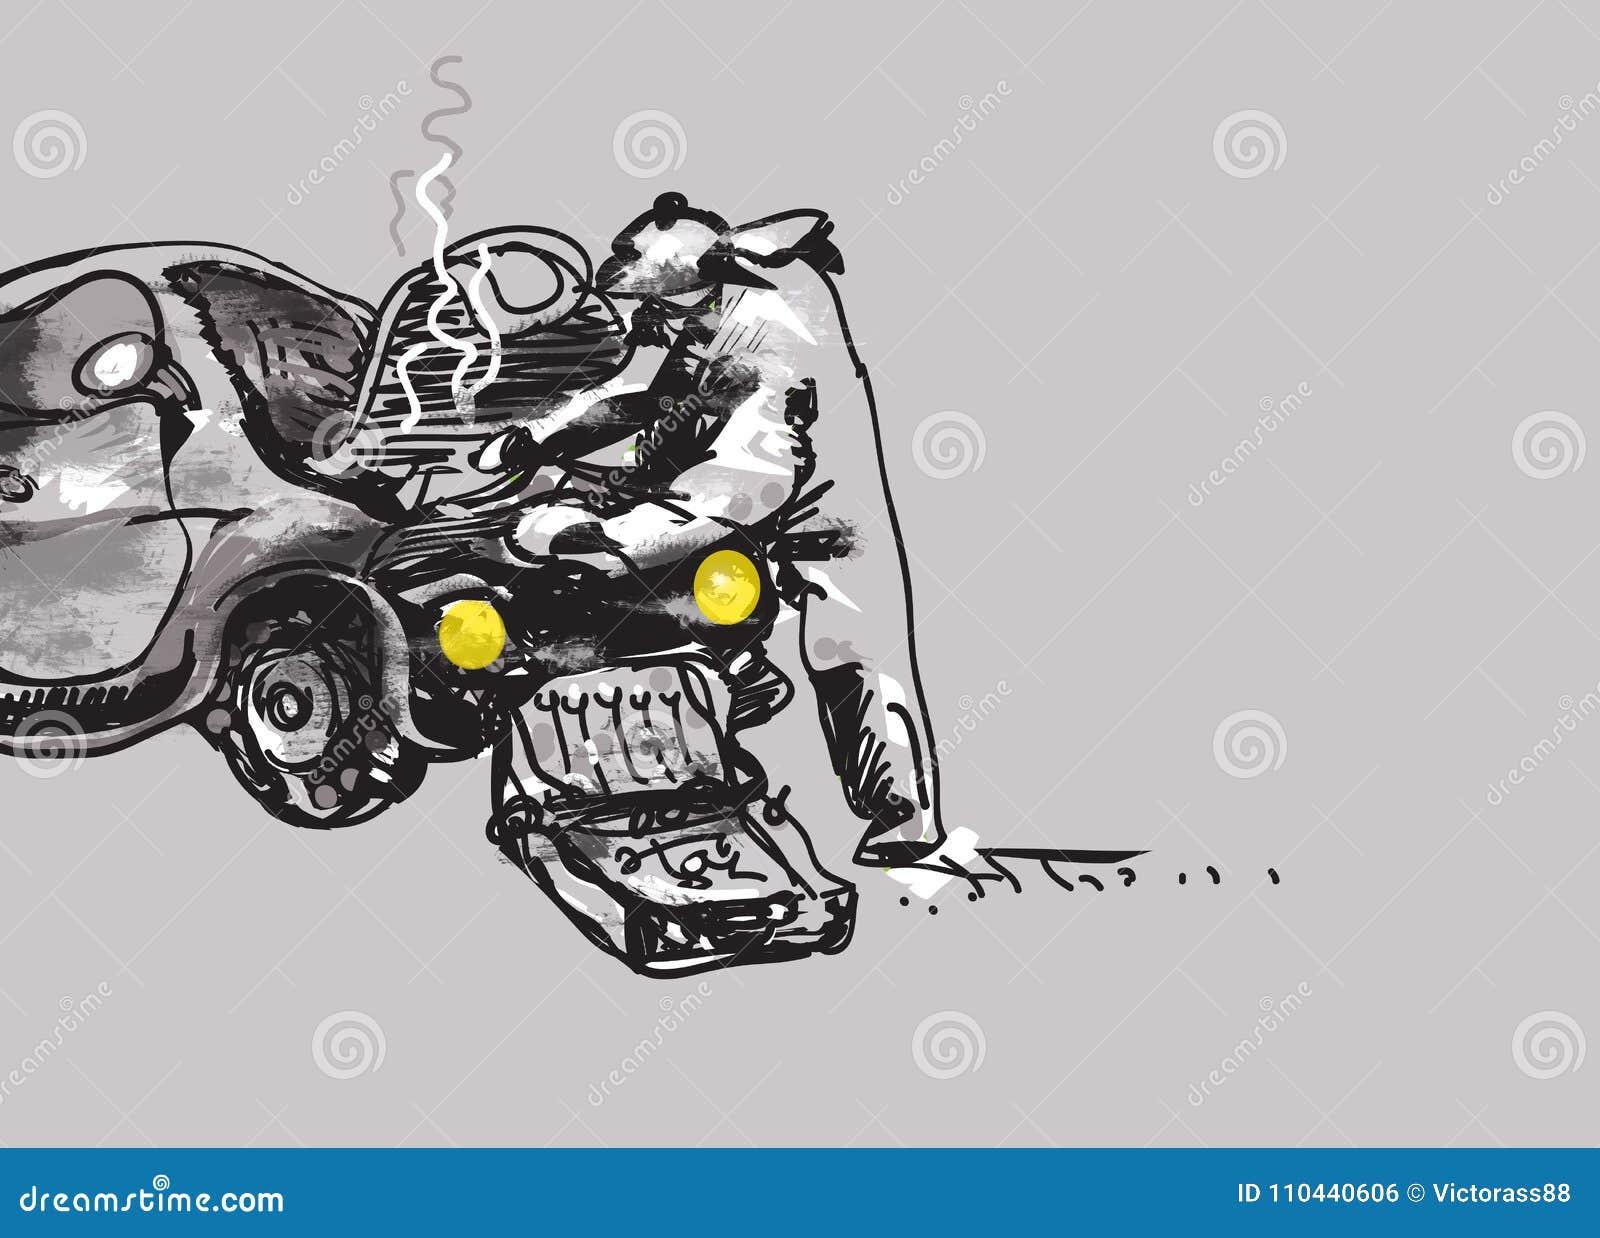 Broken Car Sketch Stock Illustrations – 50 Broken Car Sketch Stock ...